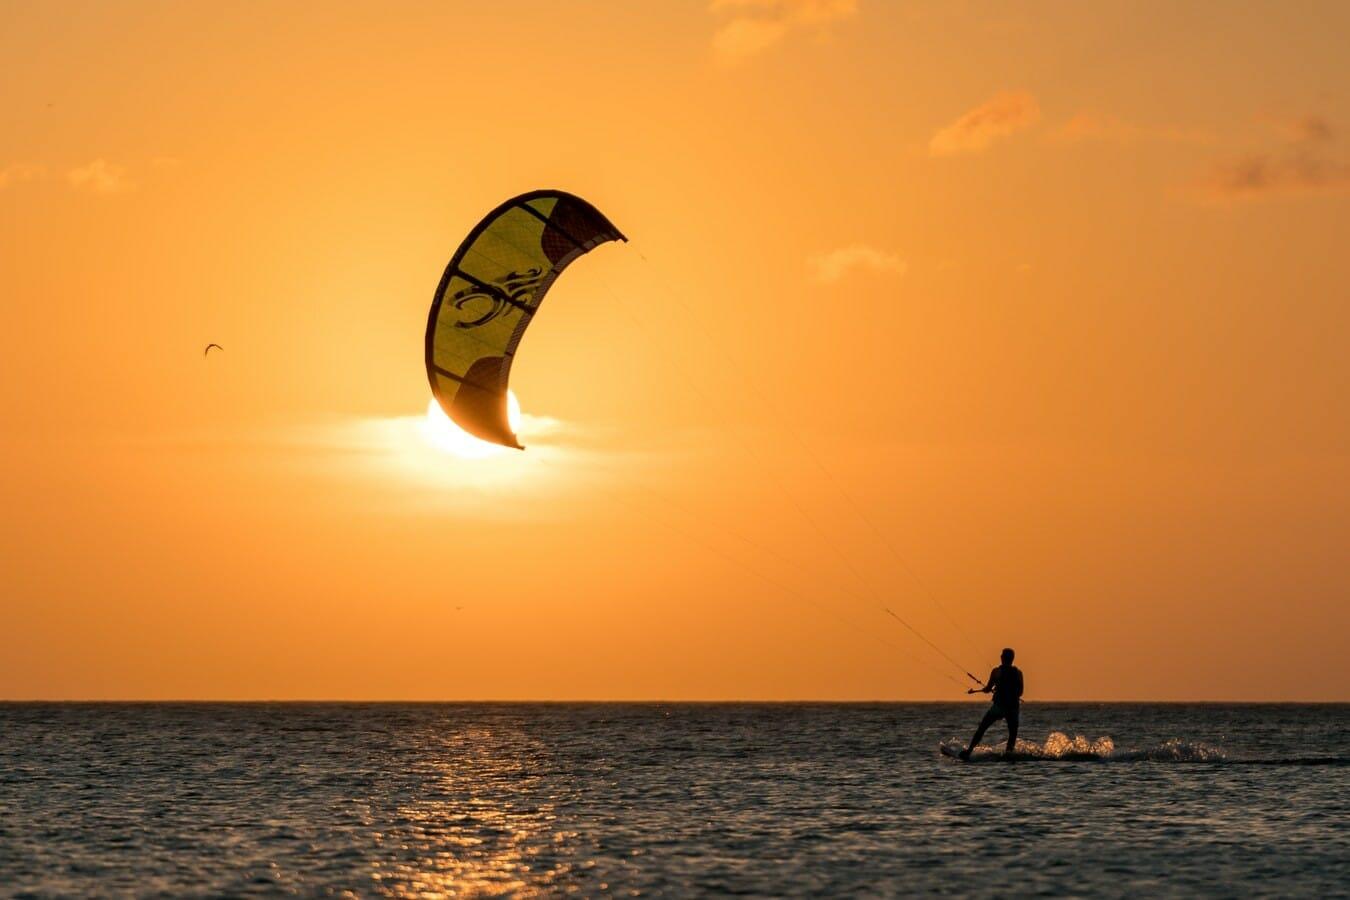 Kite surfing on Adriatic Sea Ulcinj Montenegro